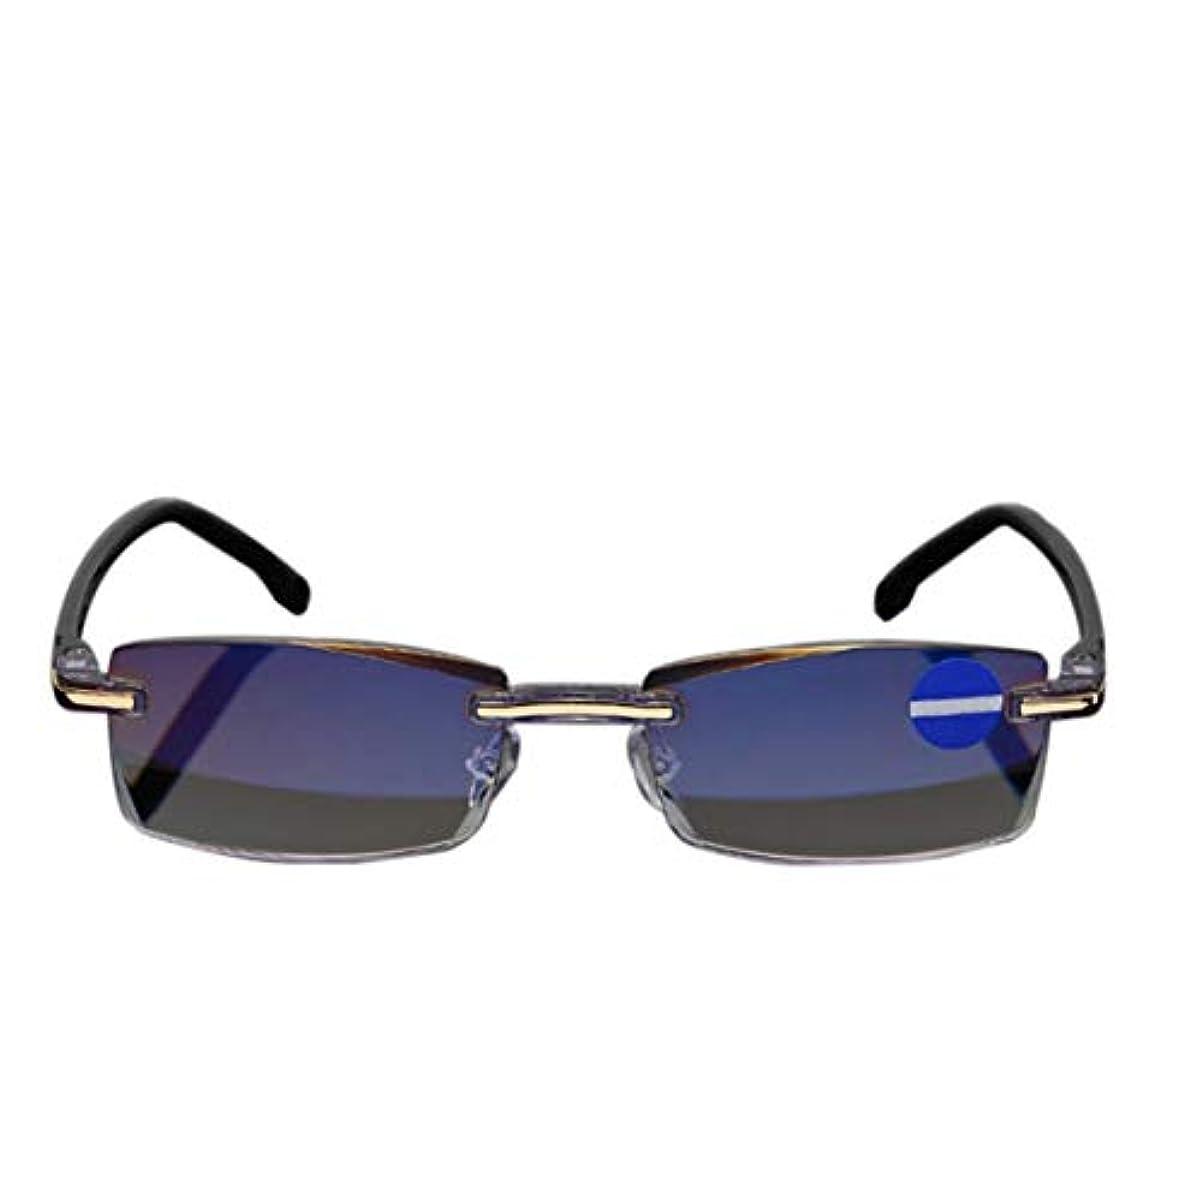 小麦粉ポゴスティックジャンプメリーIntercoreyリムレスダイヤモンドカット老眼鏡アンチブルーライトおよびブルーフィルム統合された女性男性+1 - + 4全学